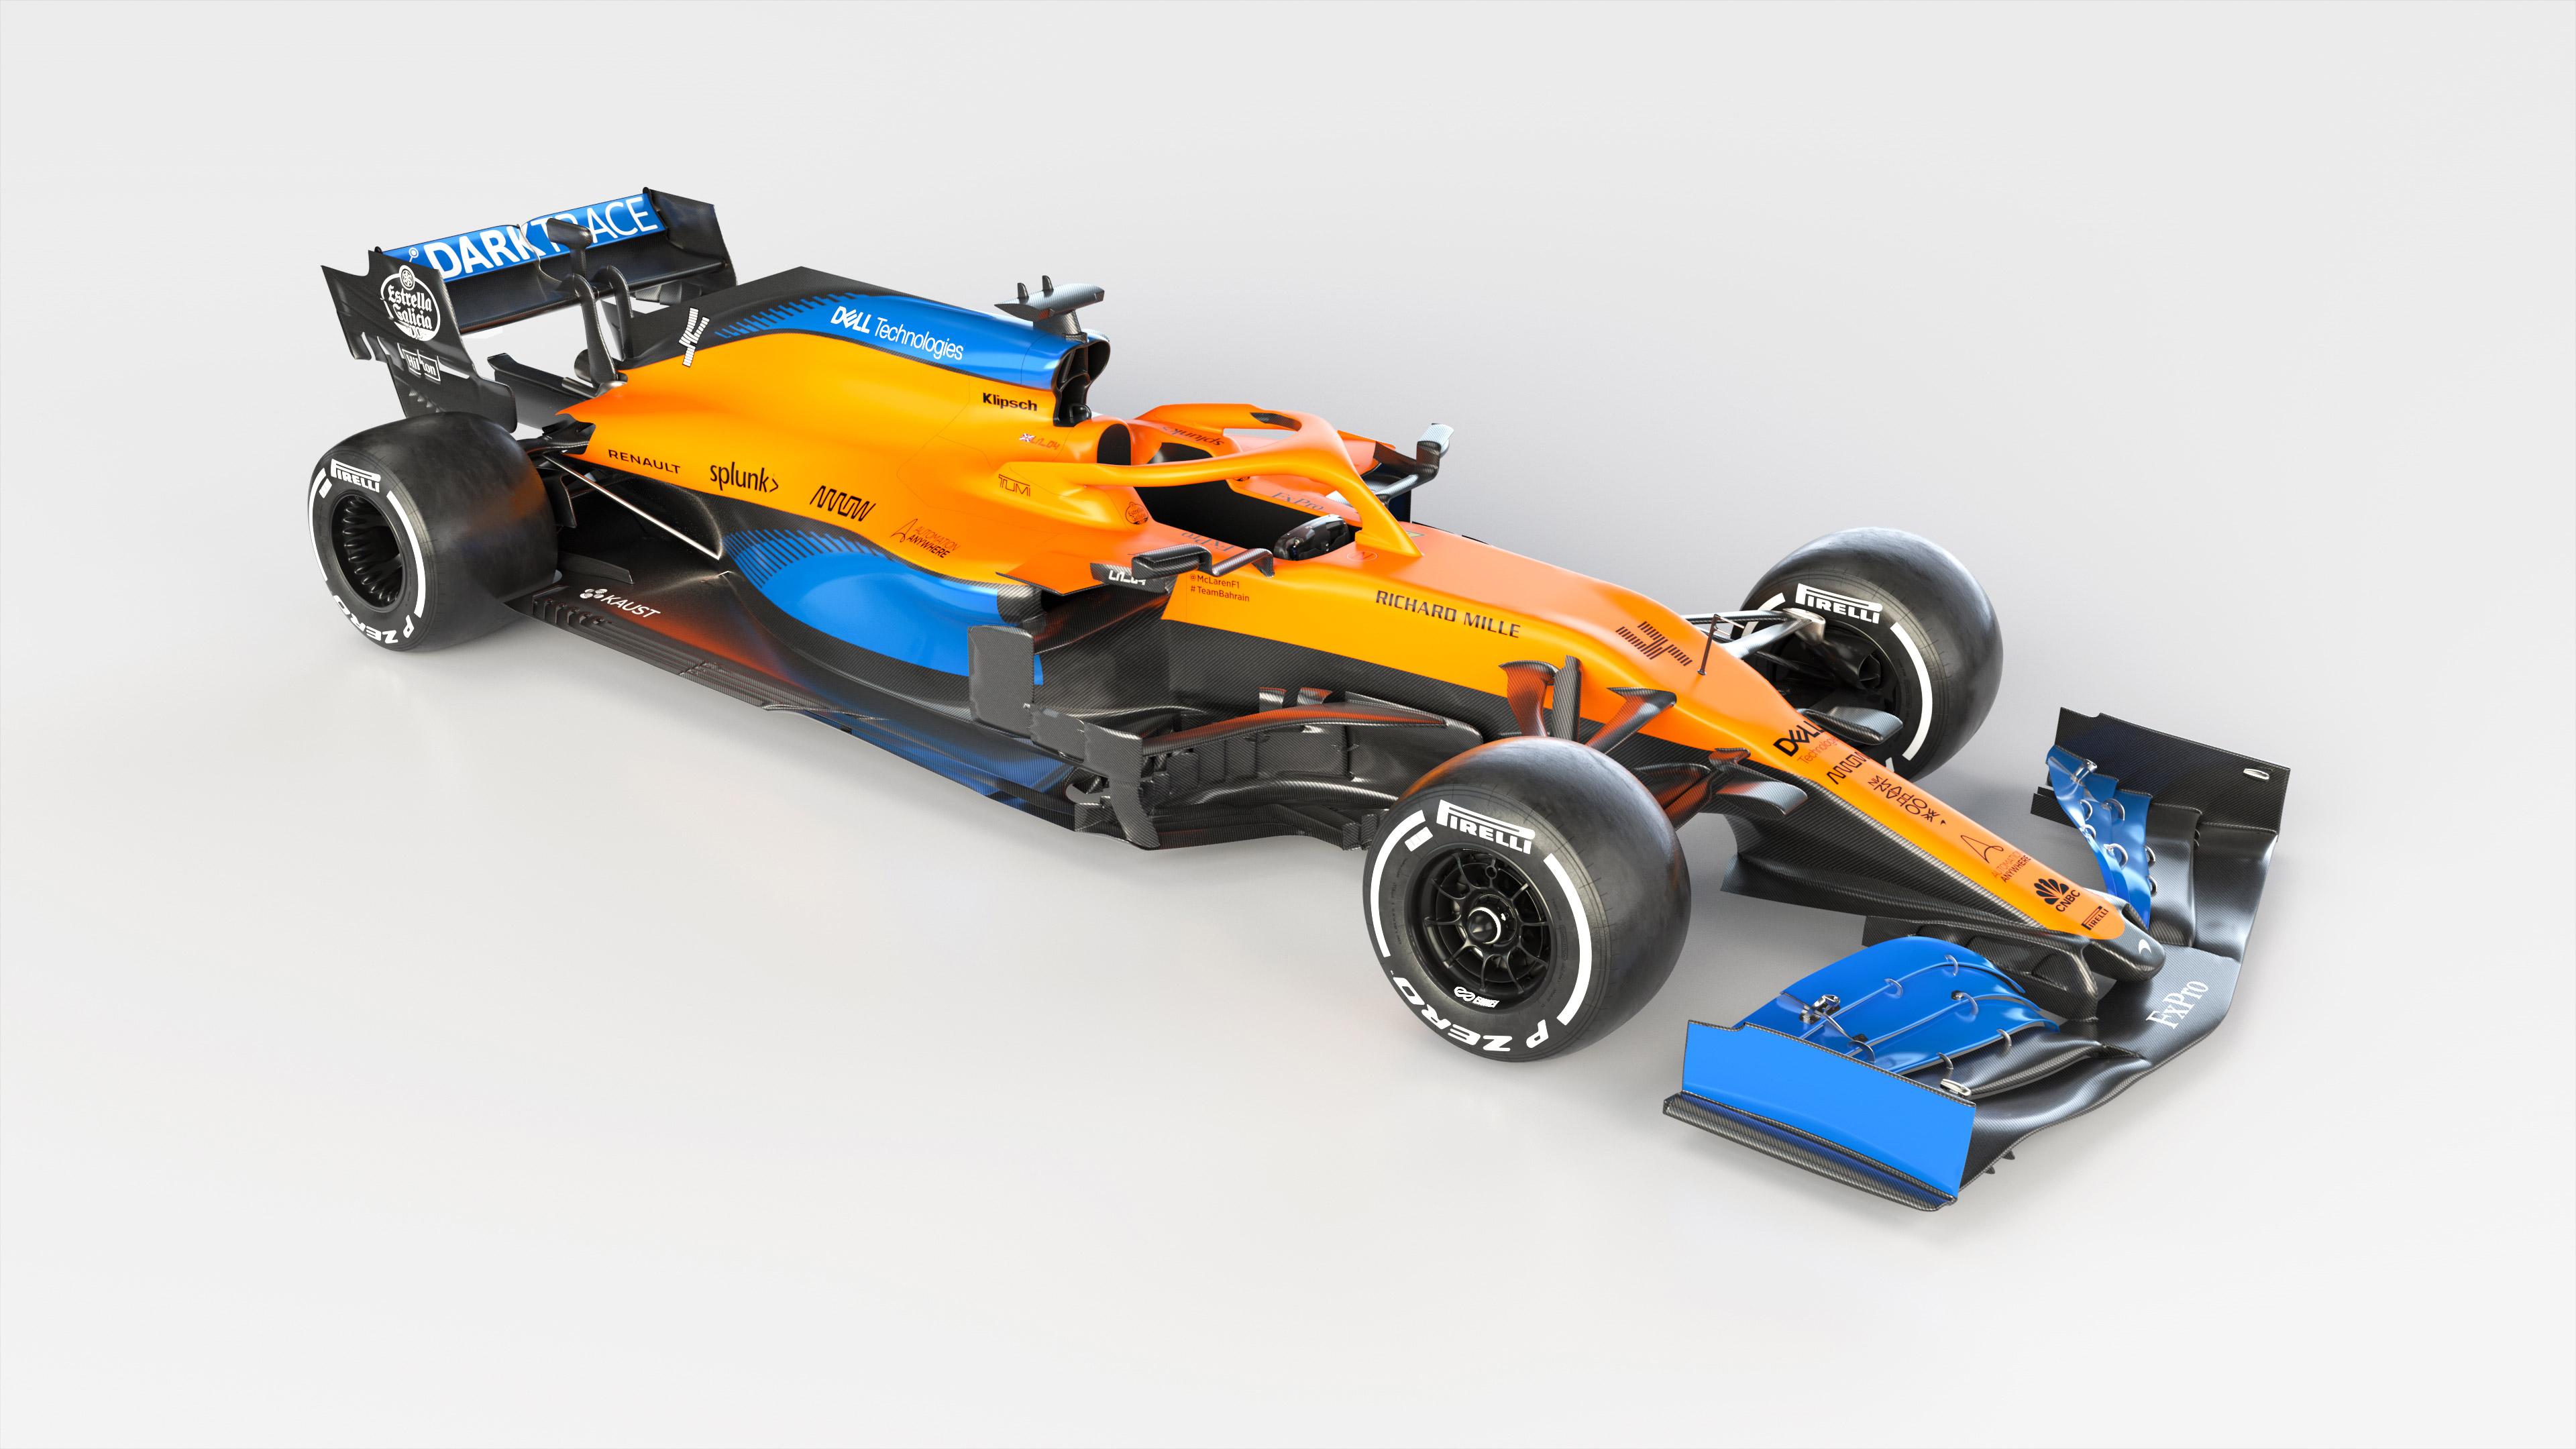 AkzoNobel hợp tác với những thương hiệu hàng đầu trong ngành công nghiệp ô tô